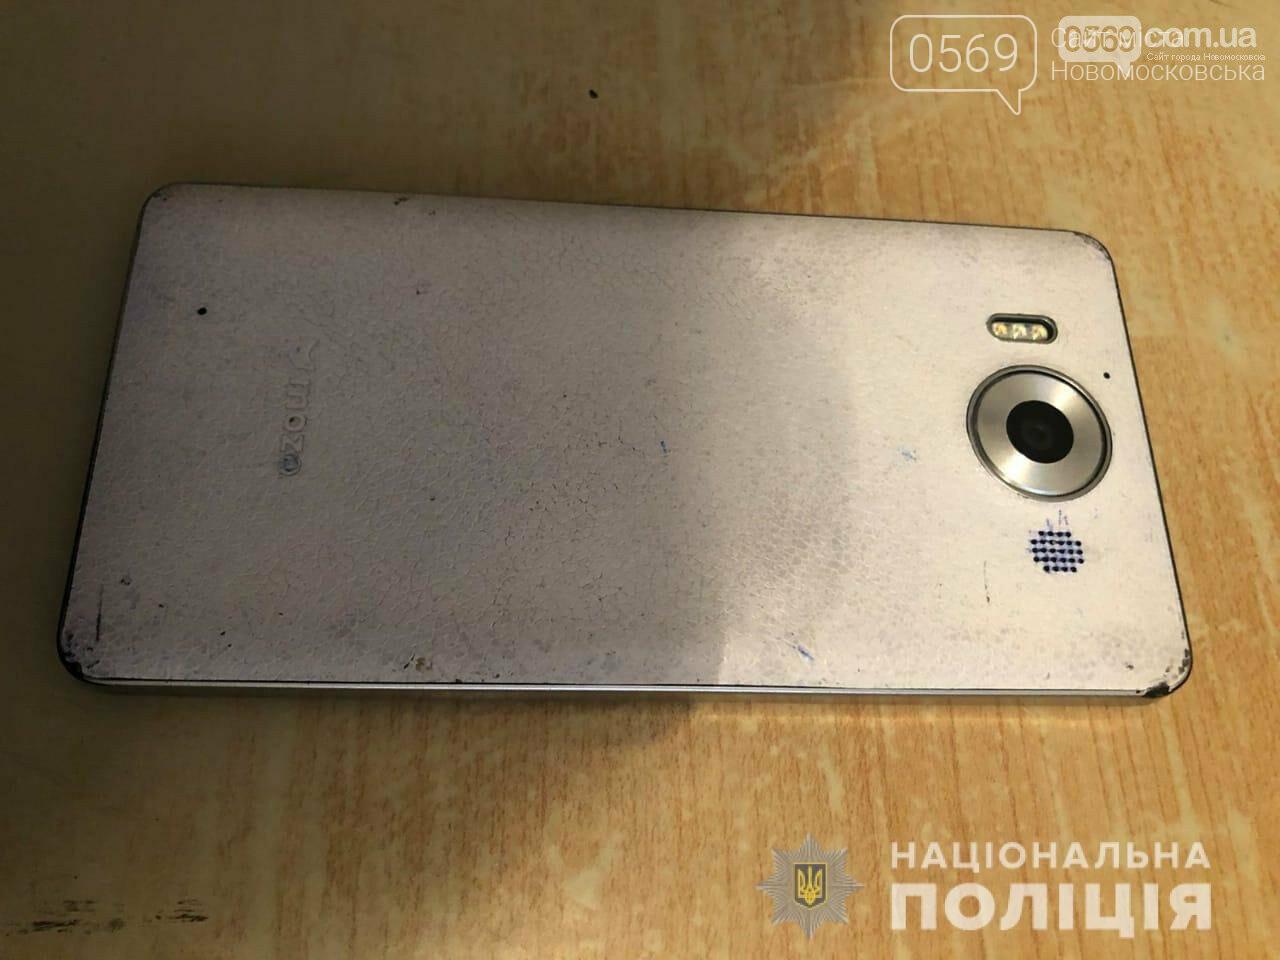 Молодик, який у Новомосковську бризнув дитині в обличчя з балончика та відібрав телефон, проведе за гратами 7 років, фото-1